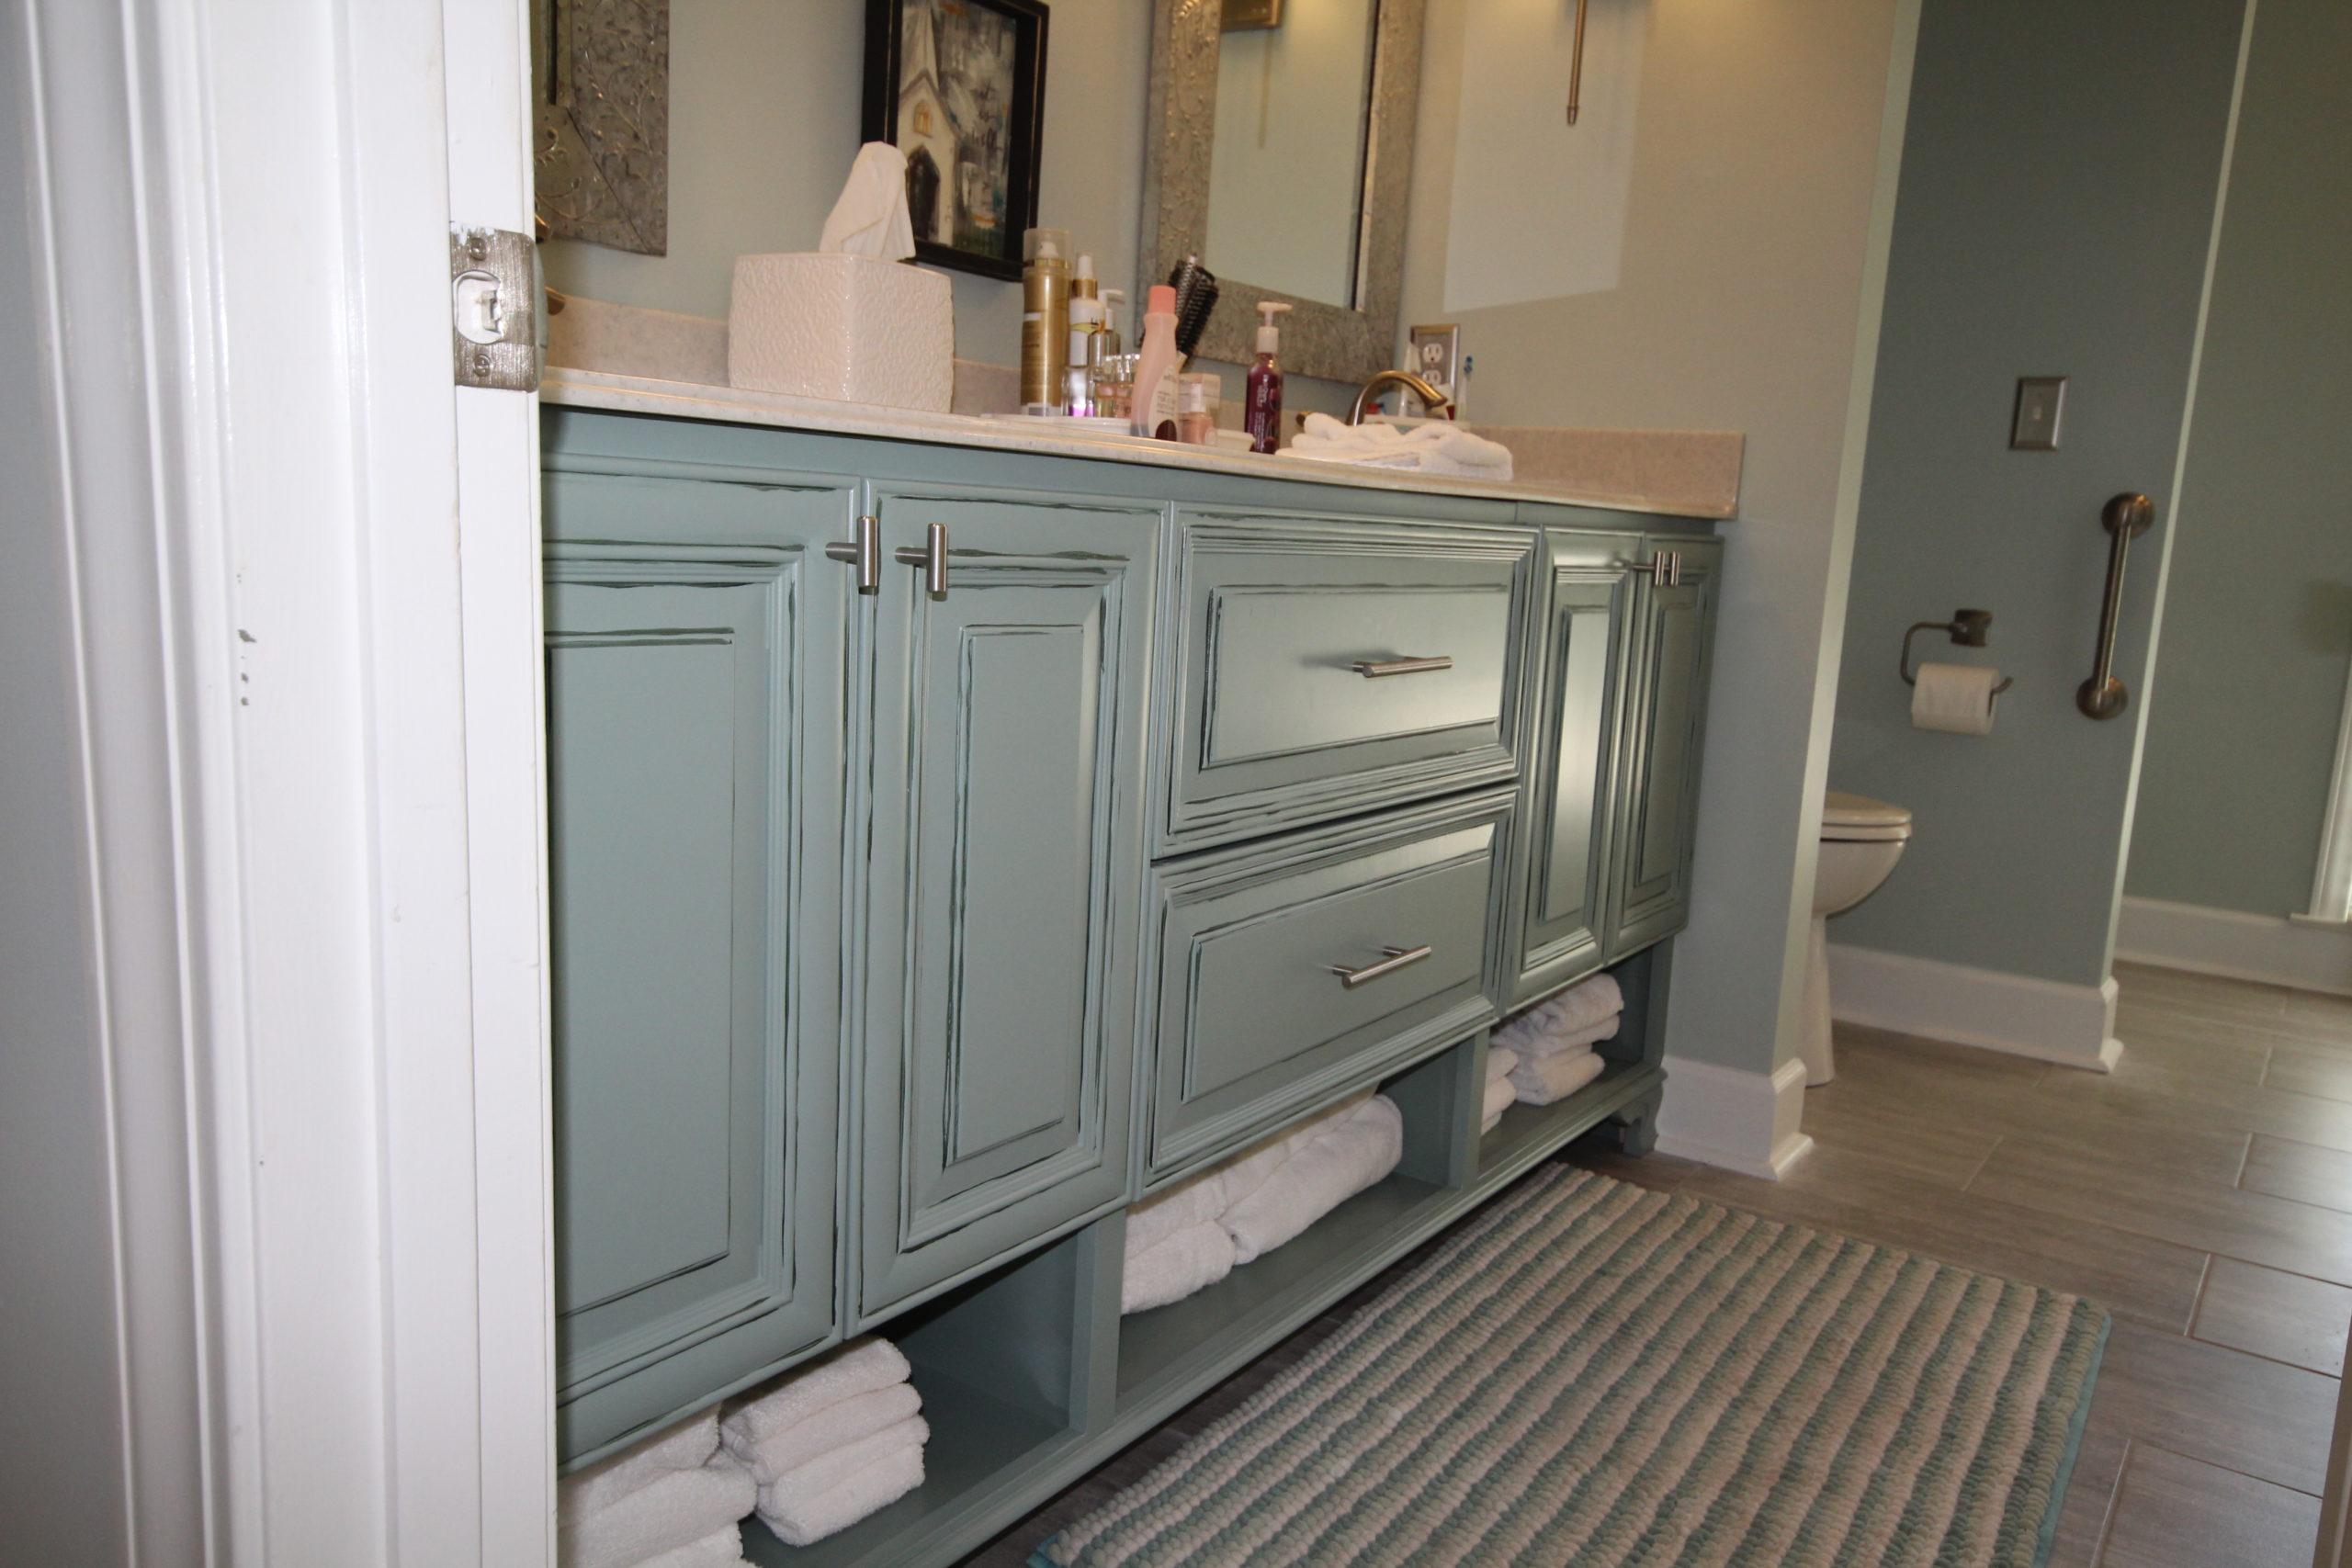 bathroom-remodeling-work-TAG-Builders-232-GV-Bathroom-Remodel-2-scaled